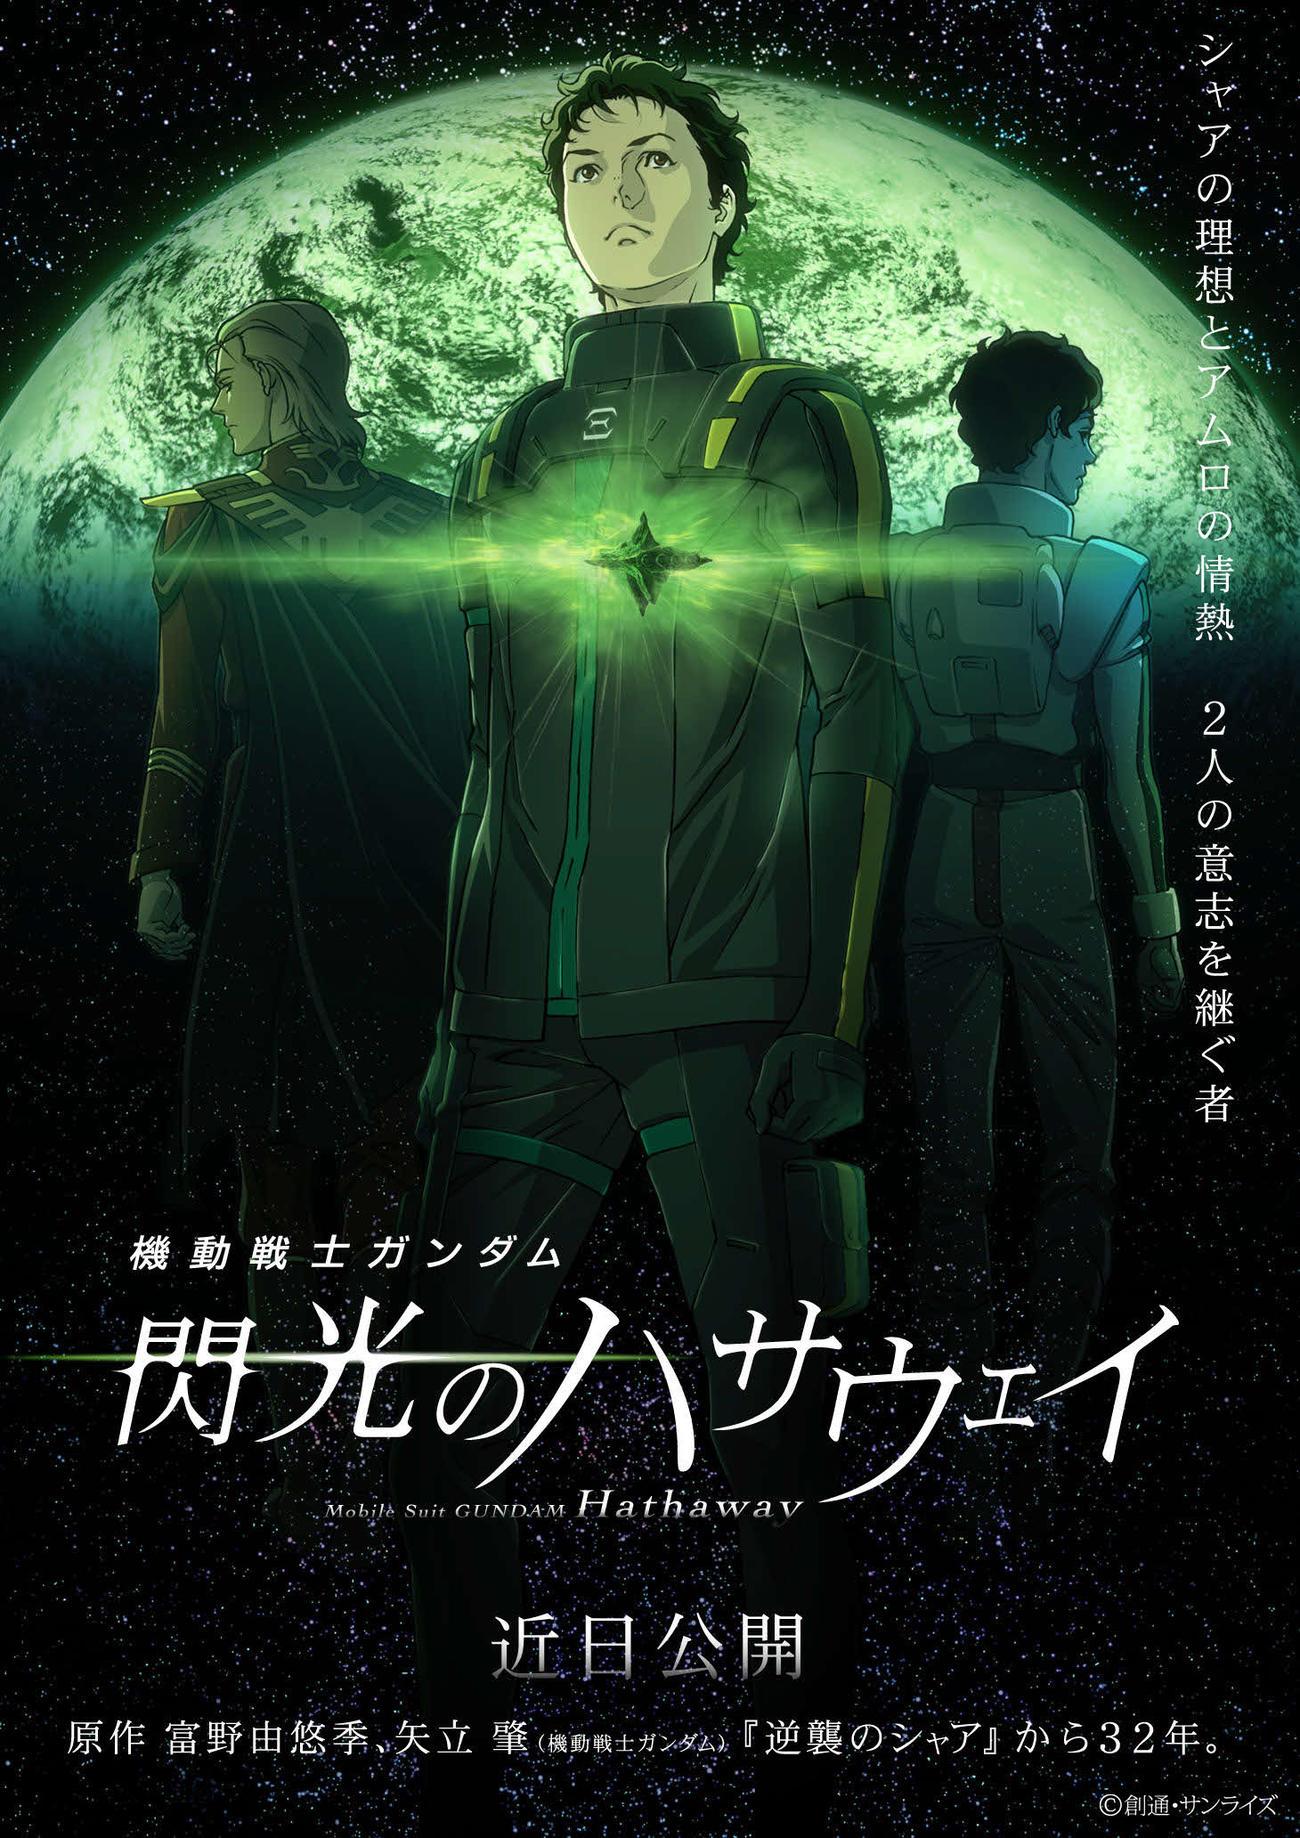 新型コロナウイルスの影響で公開延期が決まった「機動戦士ガンダム 閃光のハサウェイ」のポスター